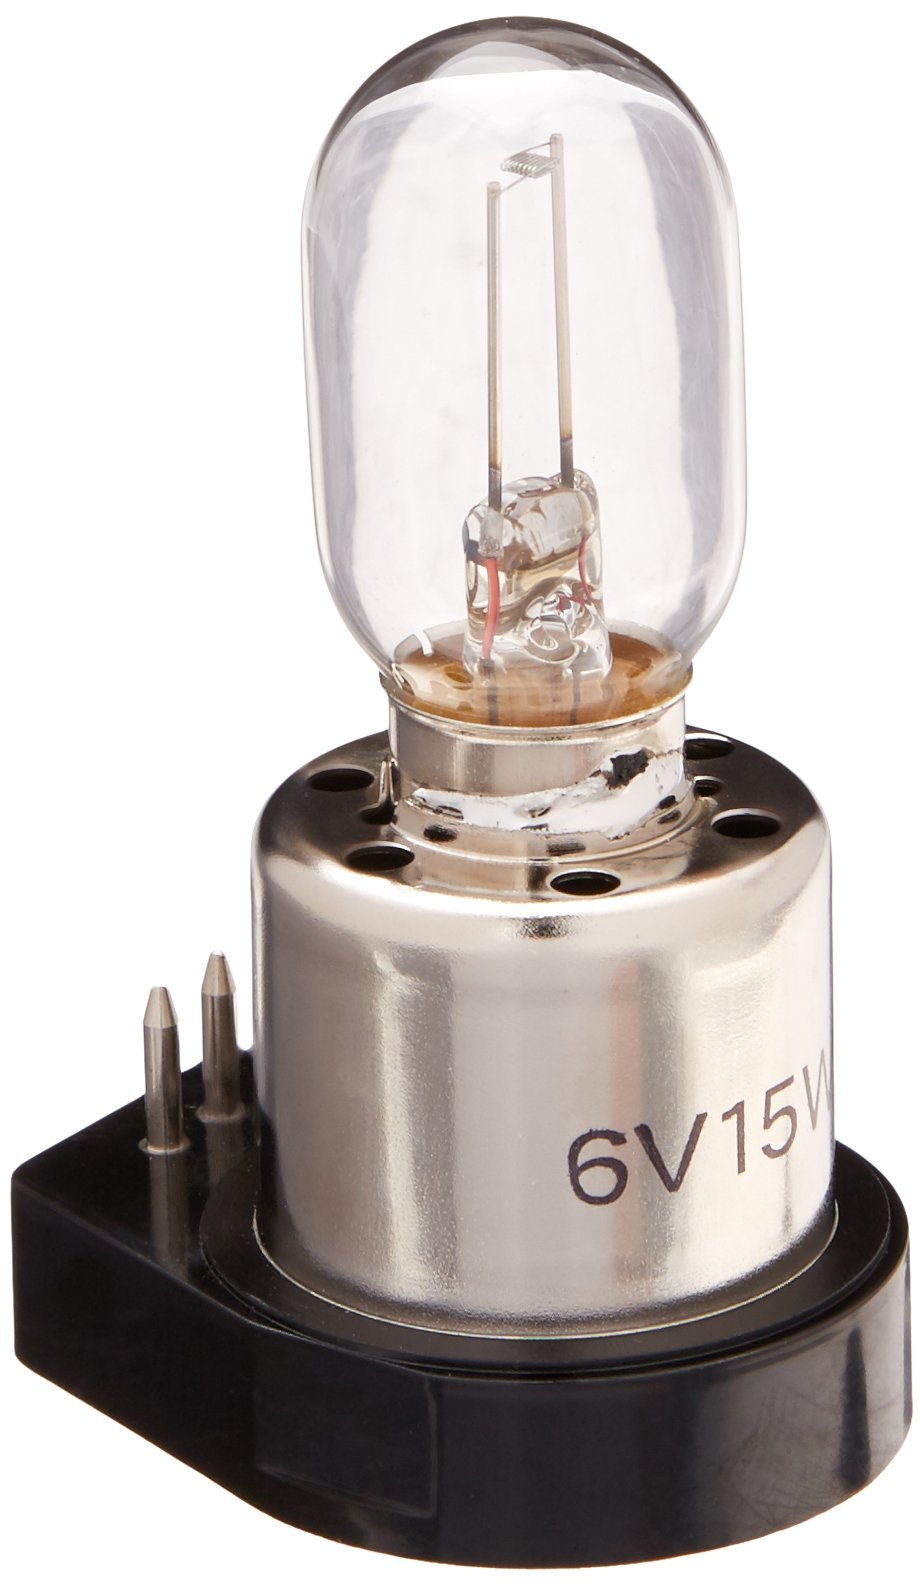 Ushio BC2616 8000300 - SM-8C103 Healthcare Medical Scientific Light Bulb